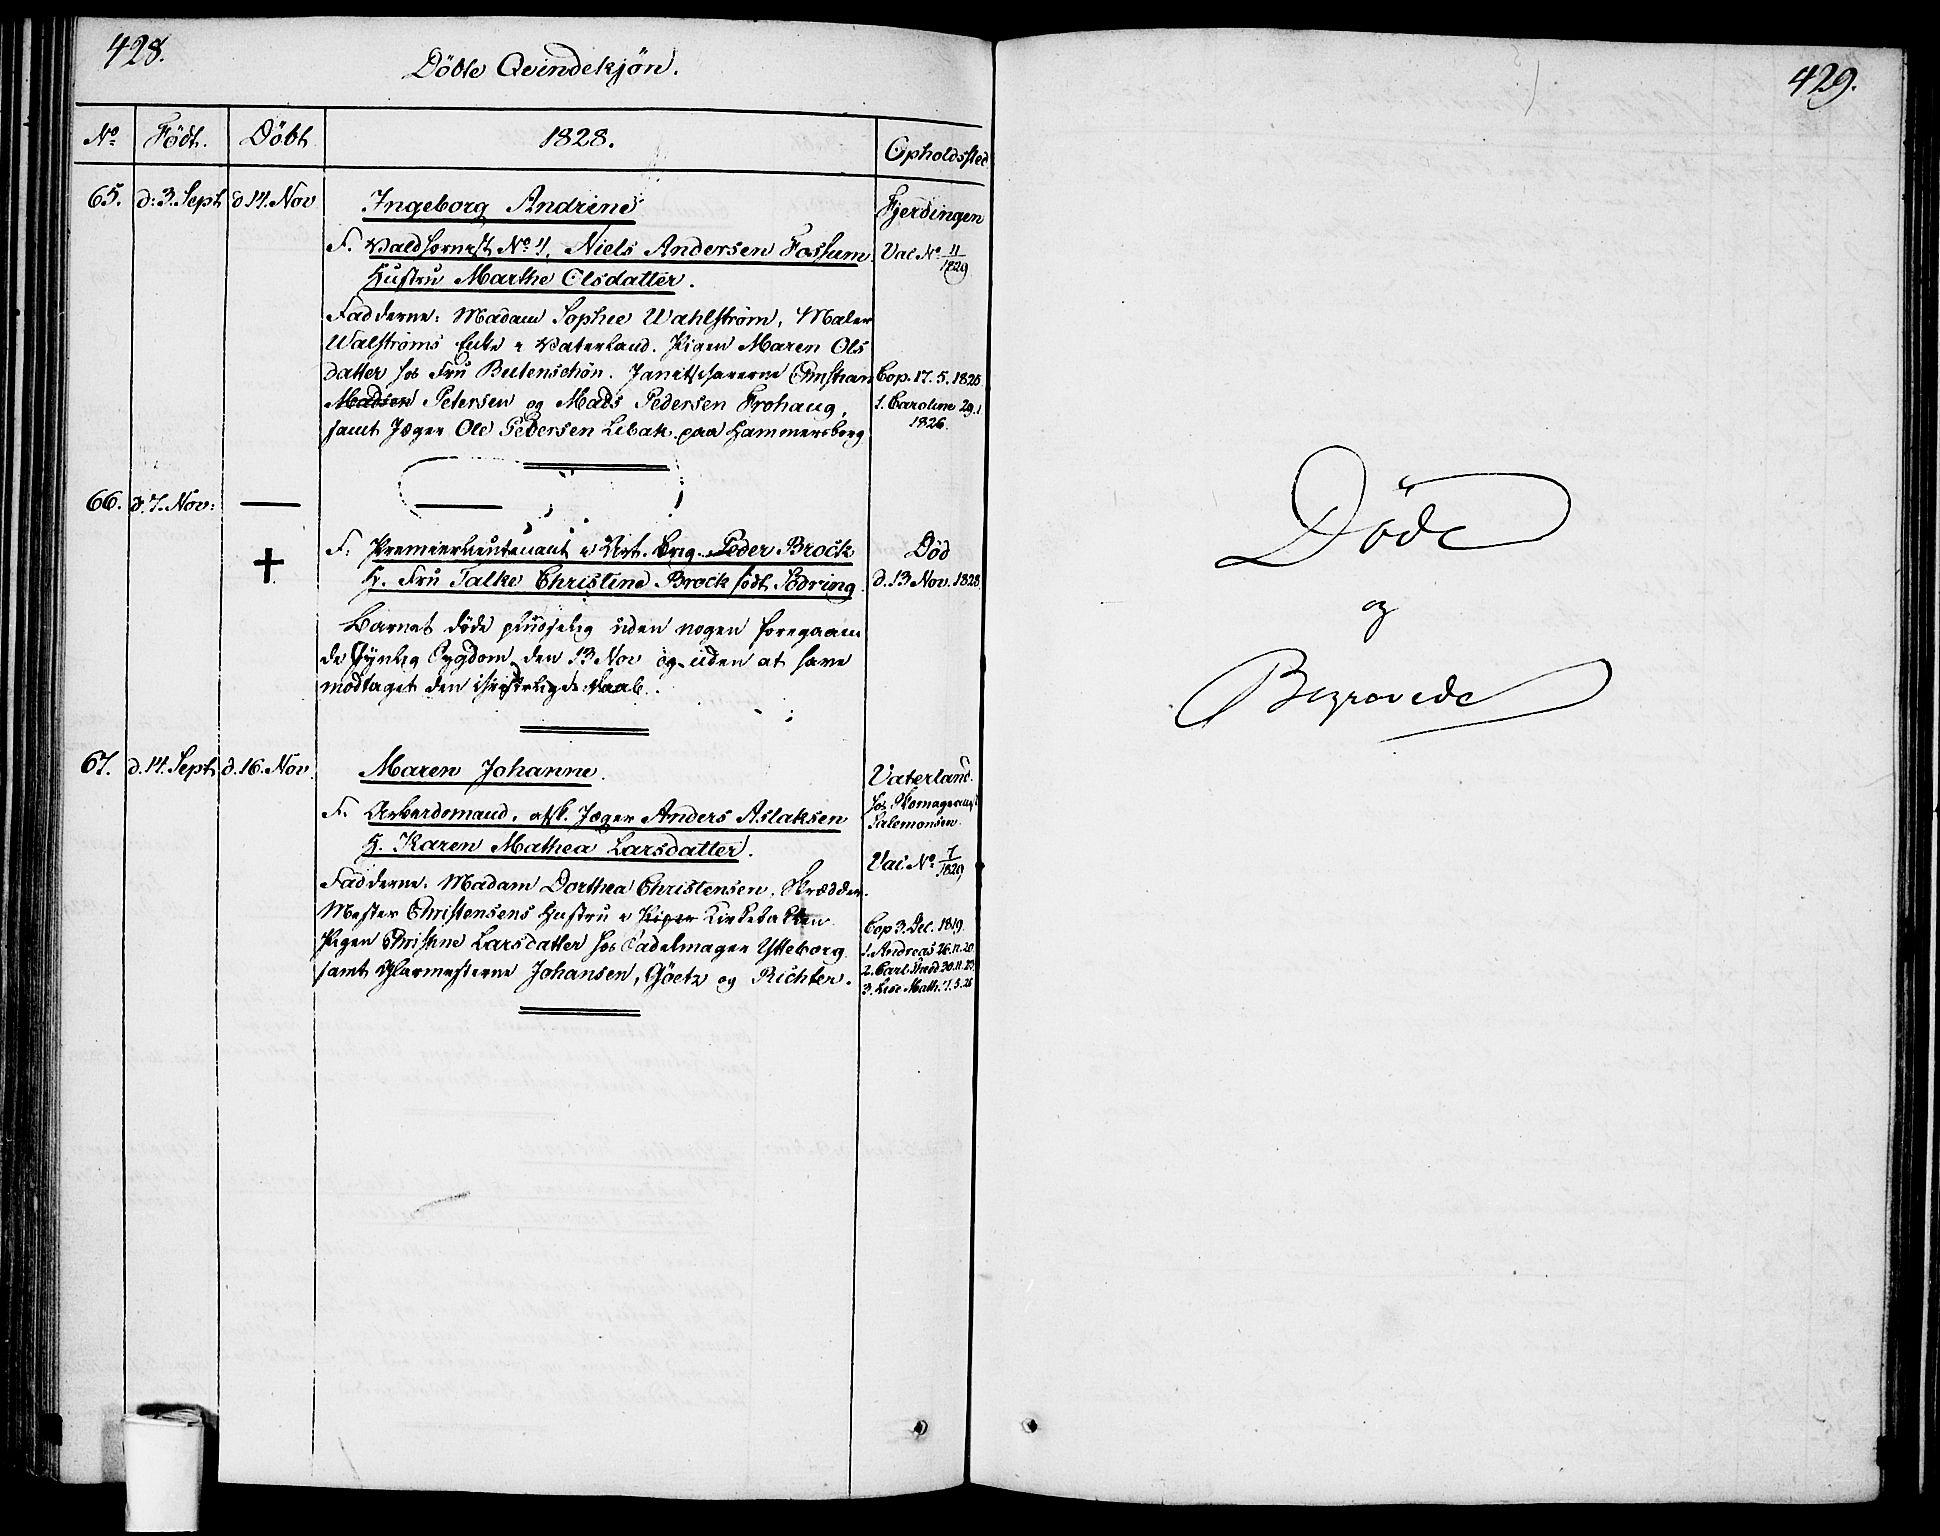 SAO, Garnisonsmenigheten Kirkebøker, F/Fa/L0004: Ministerialbok nr. 4, 1820-1828, s. 428-429